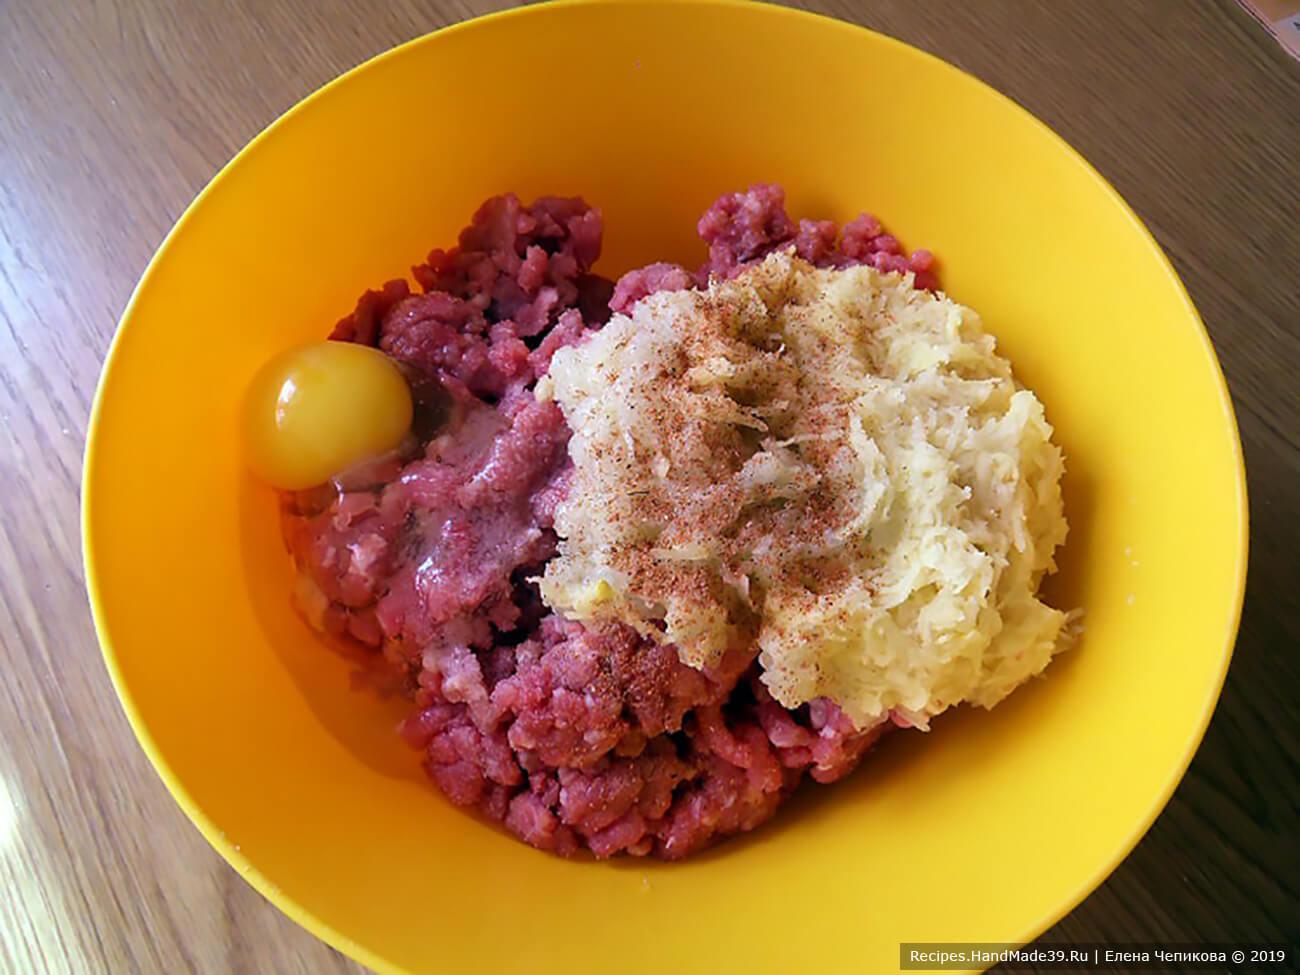 Соединить фарш индейки, картофель, лук, яйцо, соль, молотый перец. Хорошо перемешать. Дать фаршу постоять 15 минут